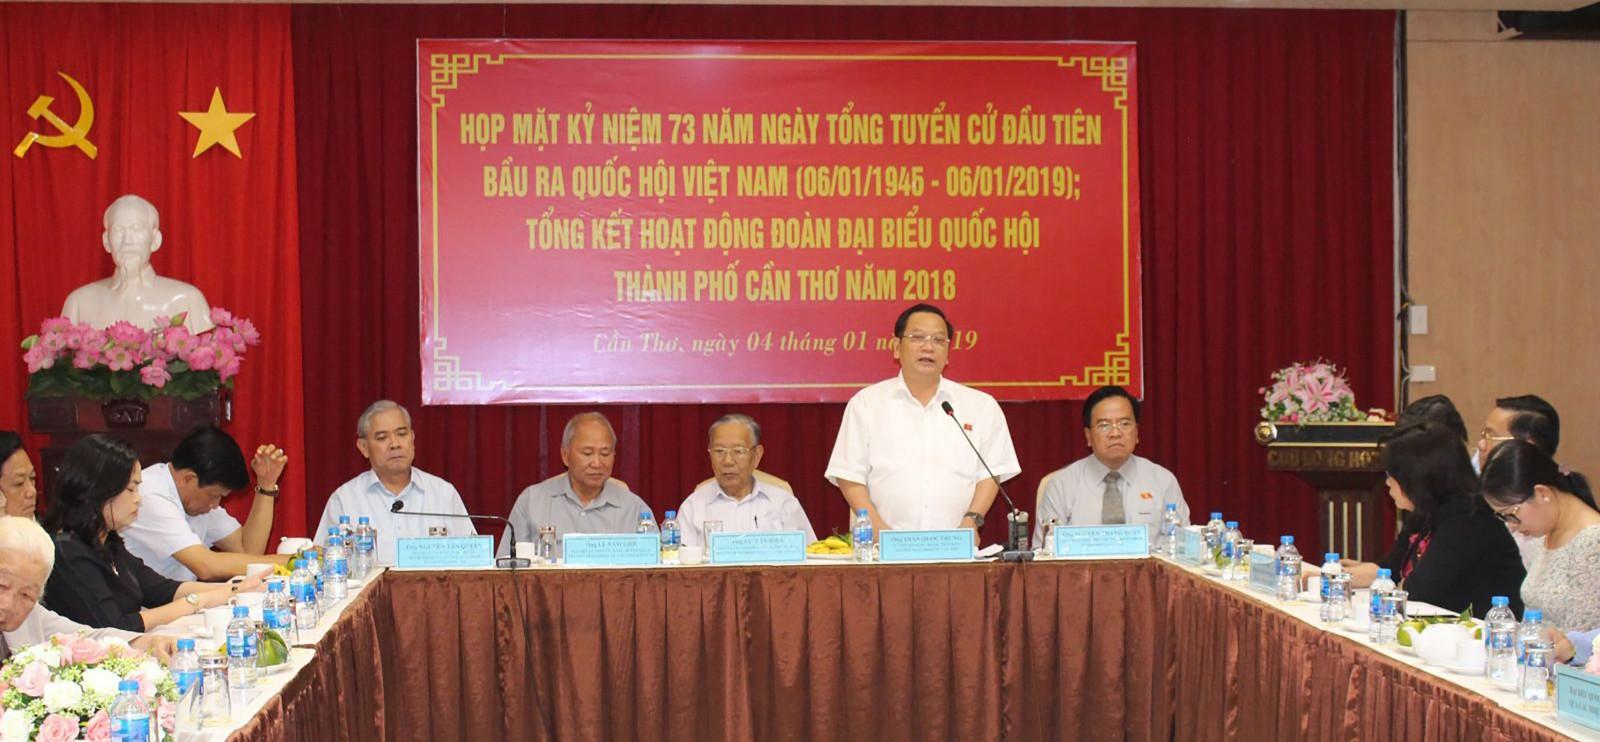 Đồng chí Trần Quốc Trung, Ủy viên Trung ương Đảng,  Bí thư Thành ủy, Trưởng Đoàn ĐBQH thành phố phát biểu tại buổi họp mặt.